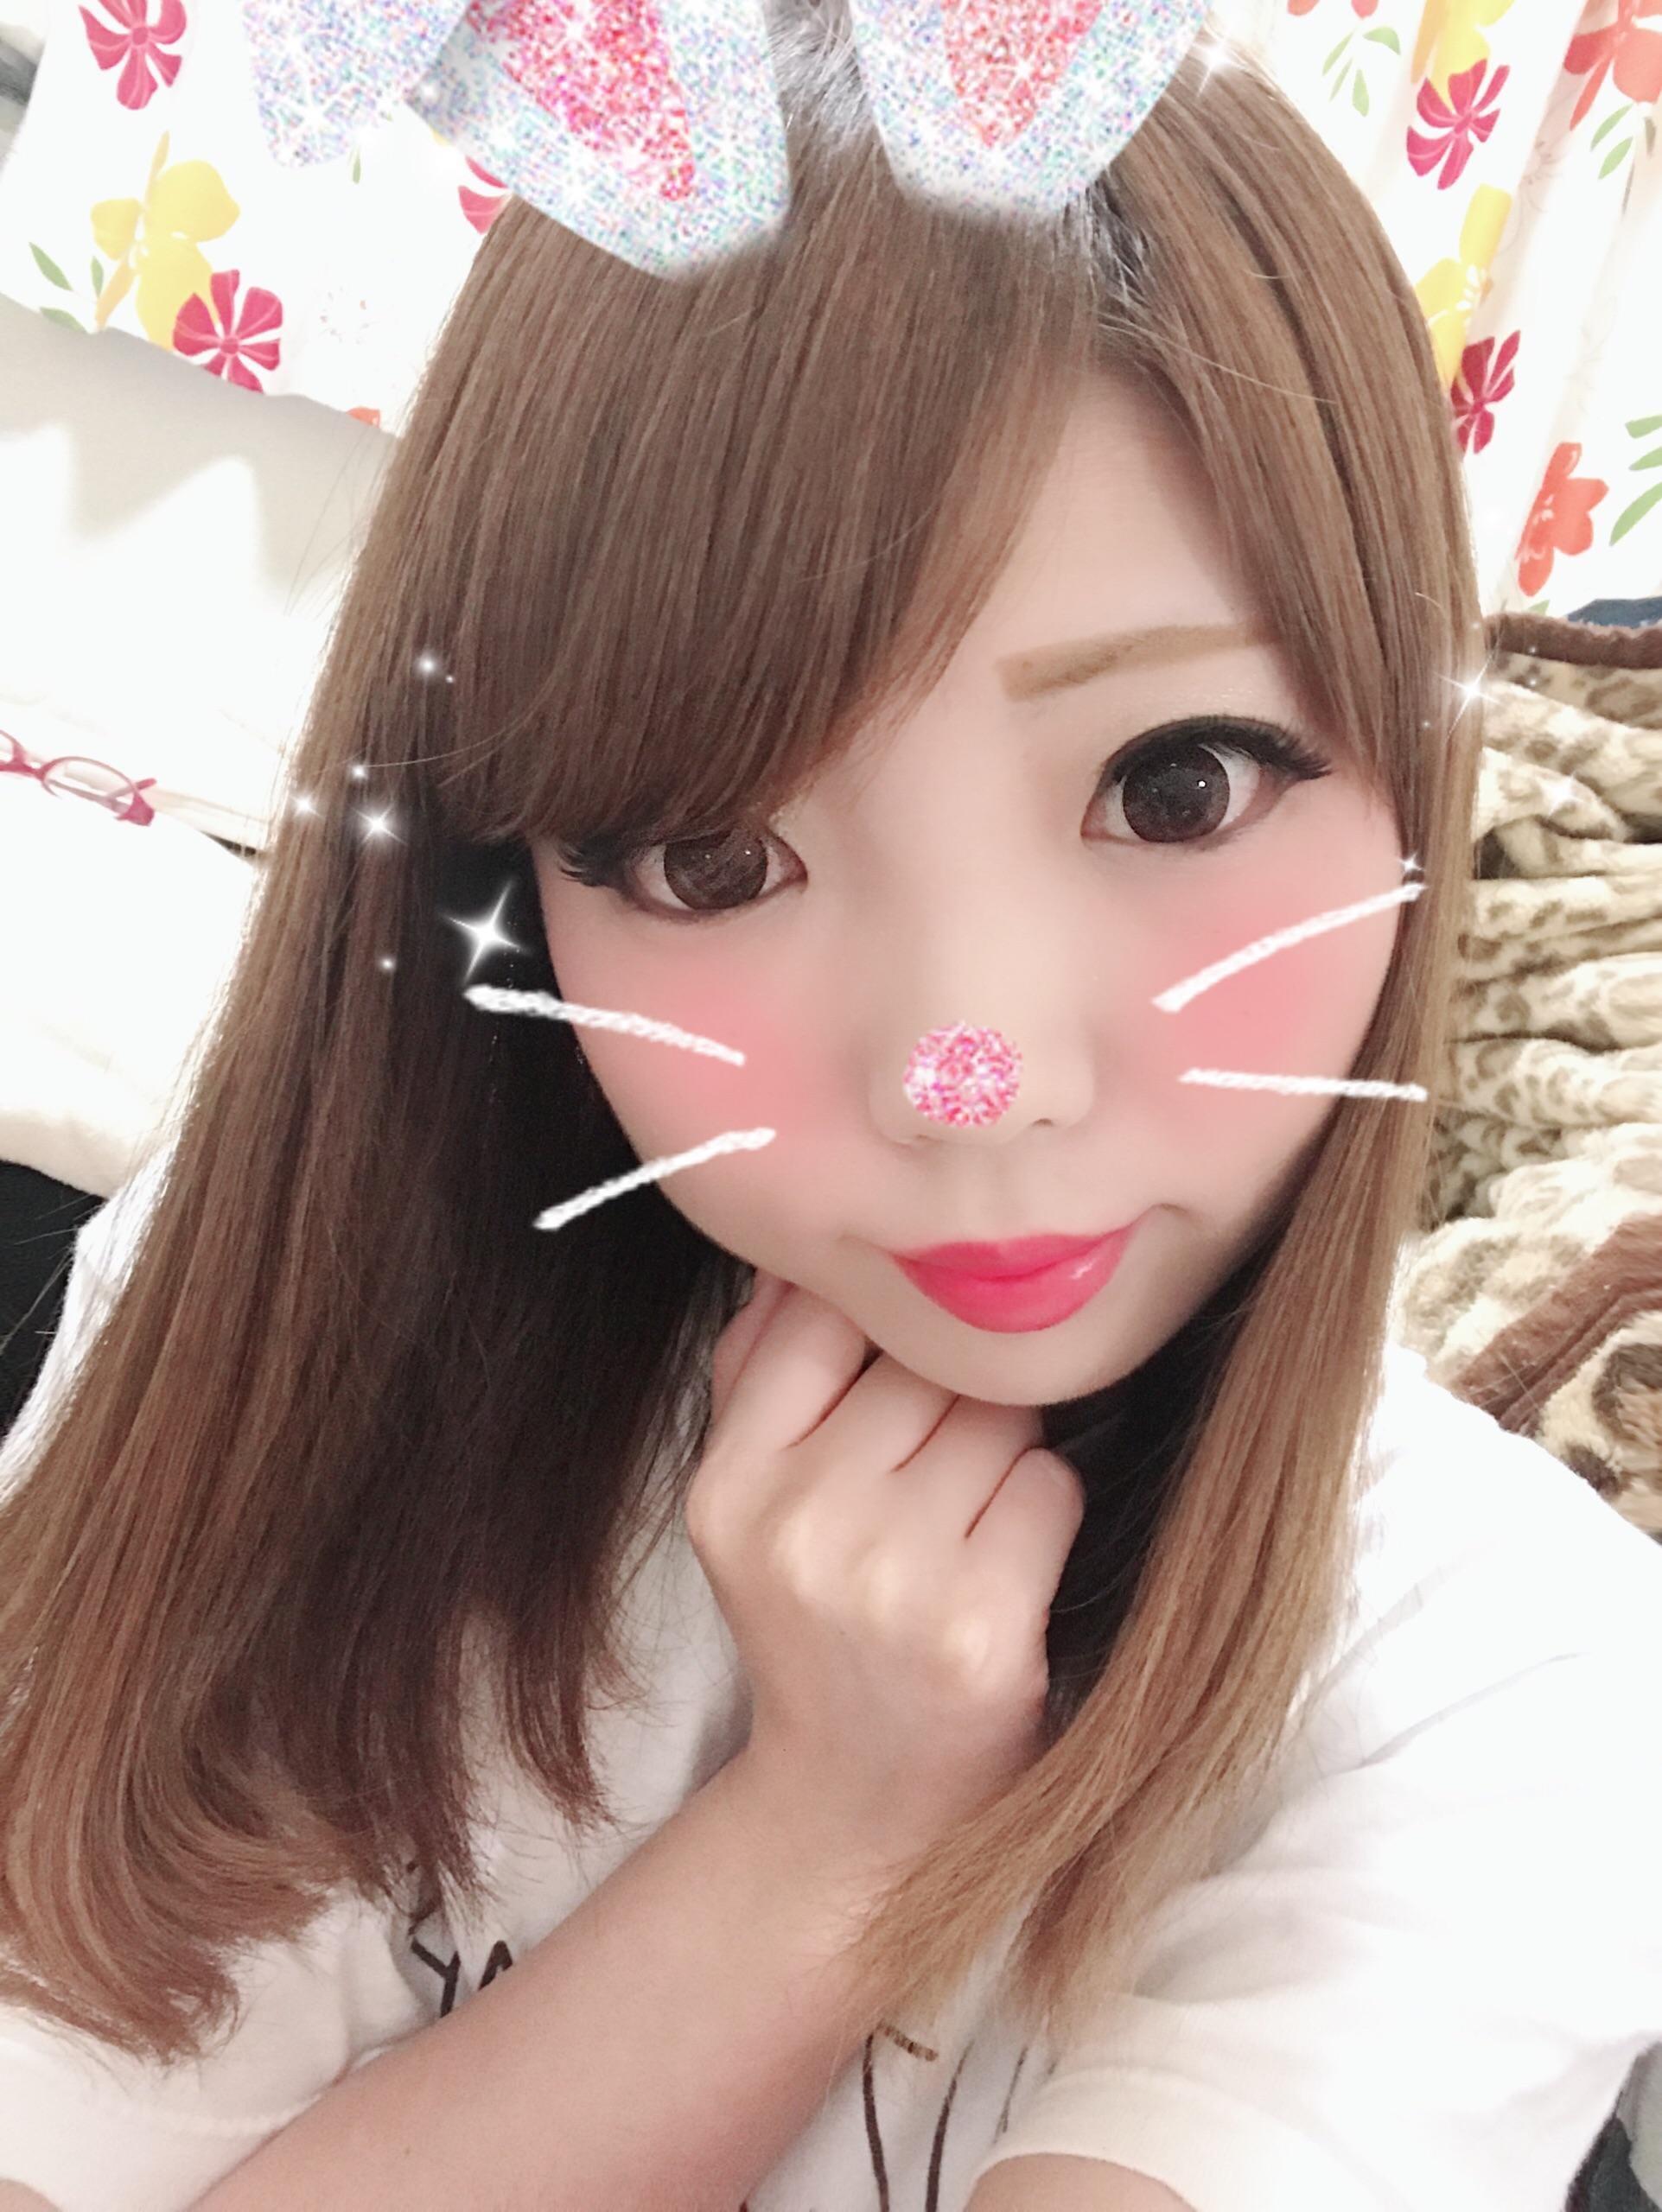 「お知らせ♡♡♡」07/14(土) 20:51 | サクラの写メ・風俗動画